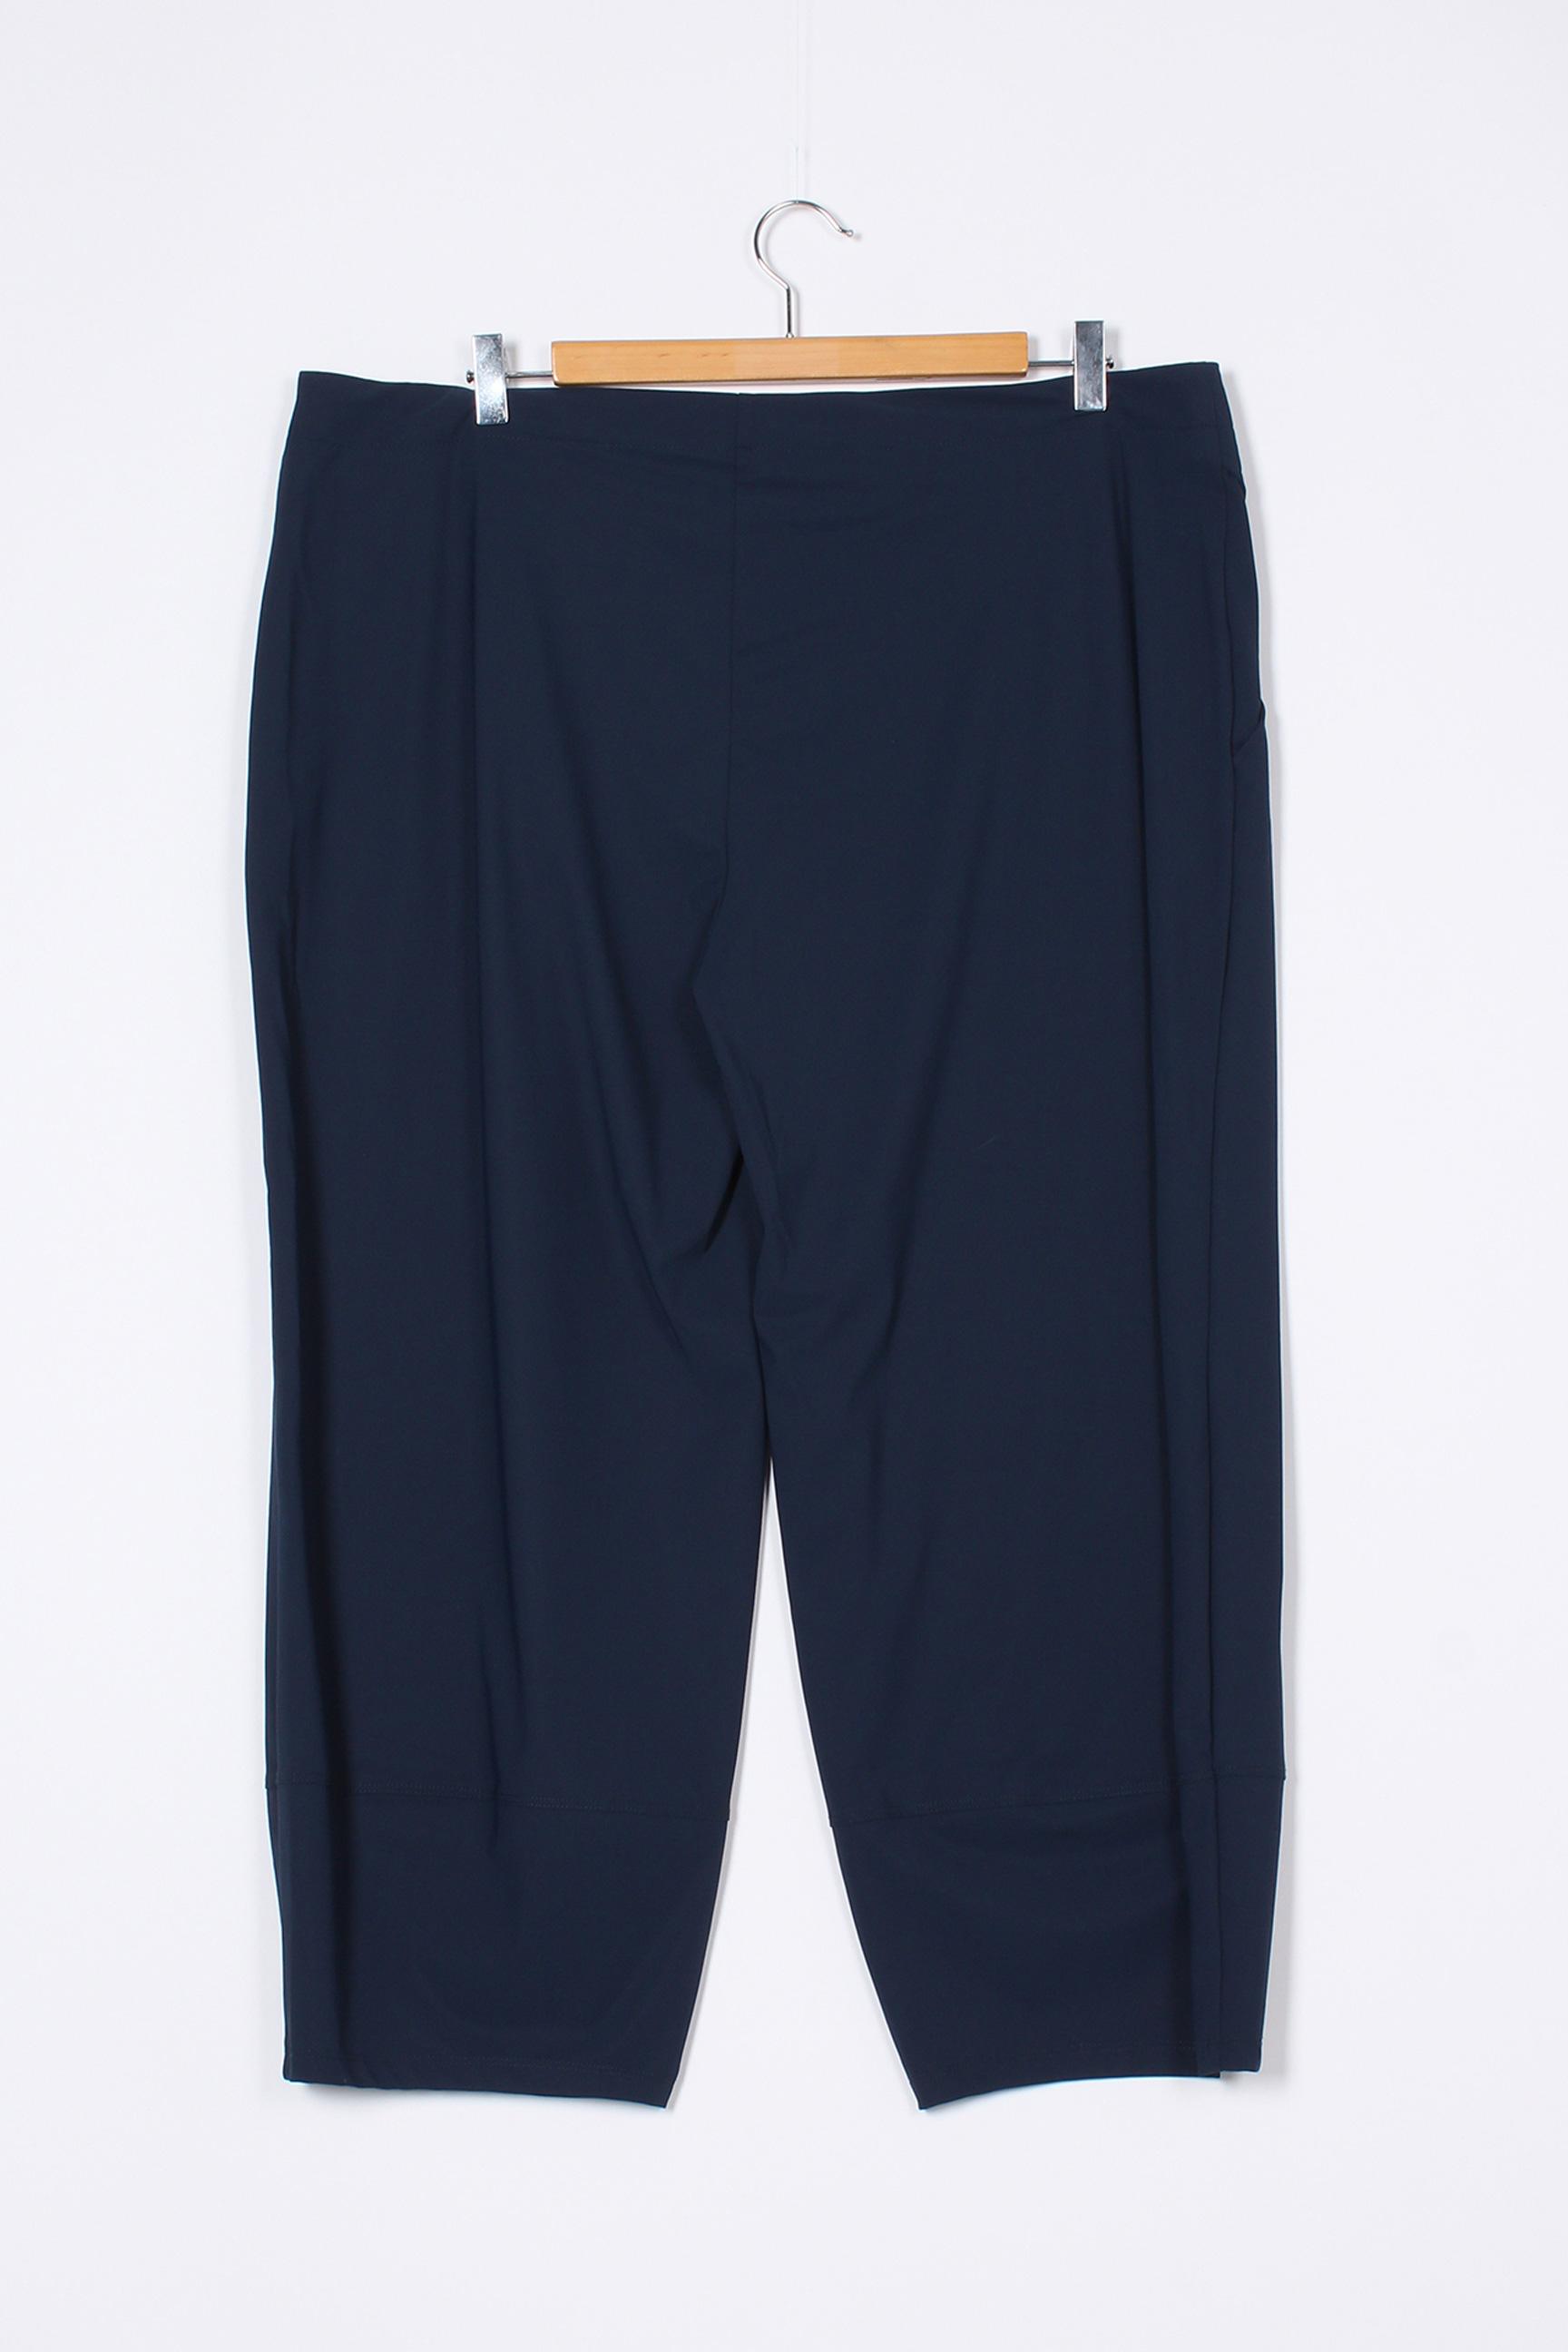 3322 Pantalon7 8 Femme De Couleur Bleu En Soldes Pas Cher 1390360-bleu00